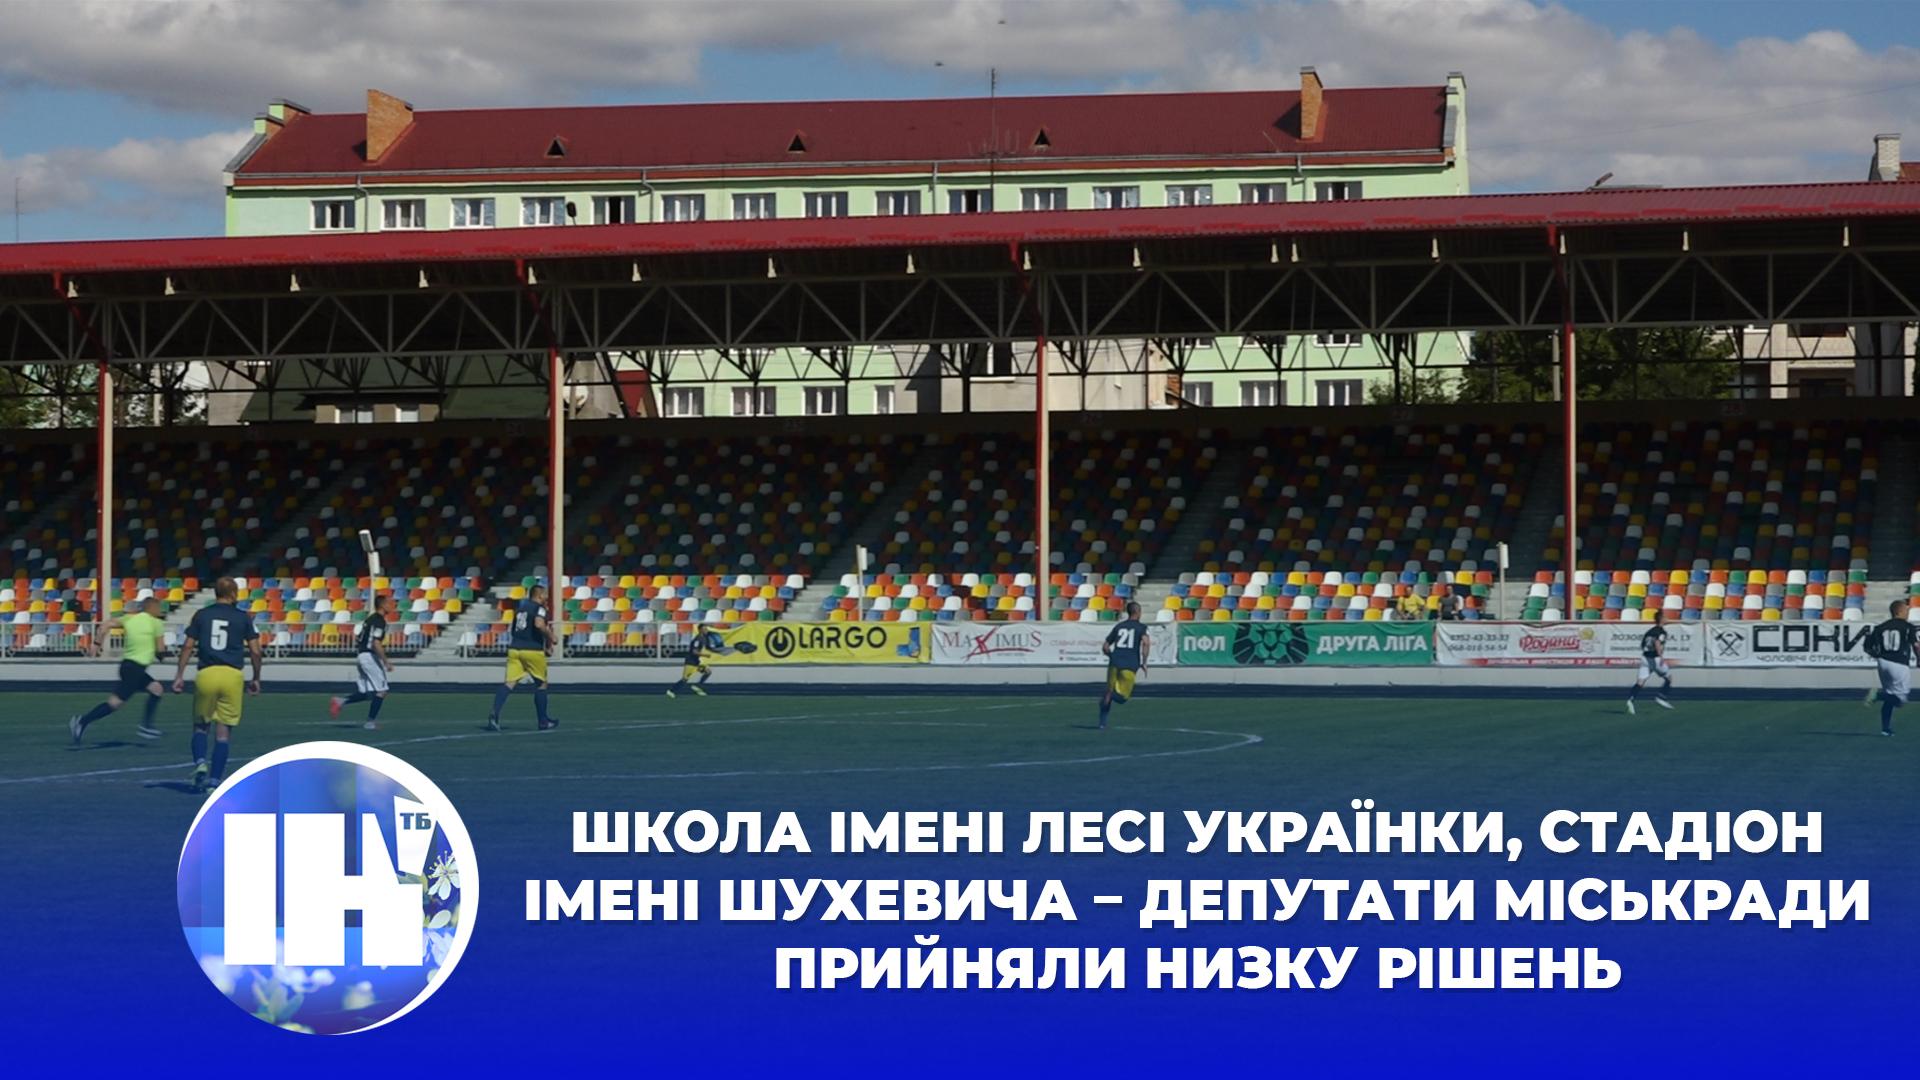 Школа імені Лесі Українки, стадіон імені Романа Шухевича – депутати міськради прийняли низку рішень